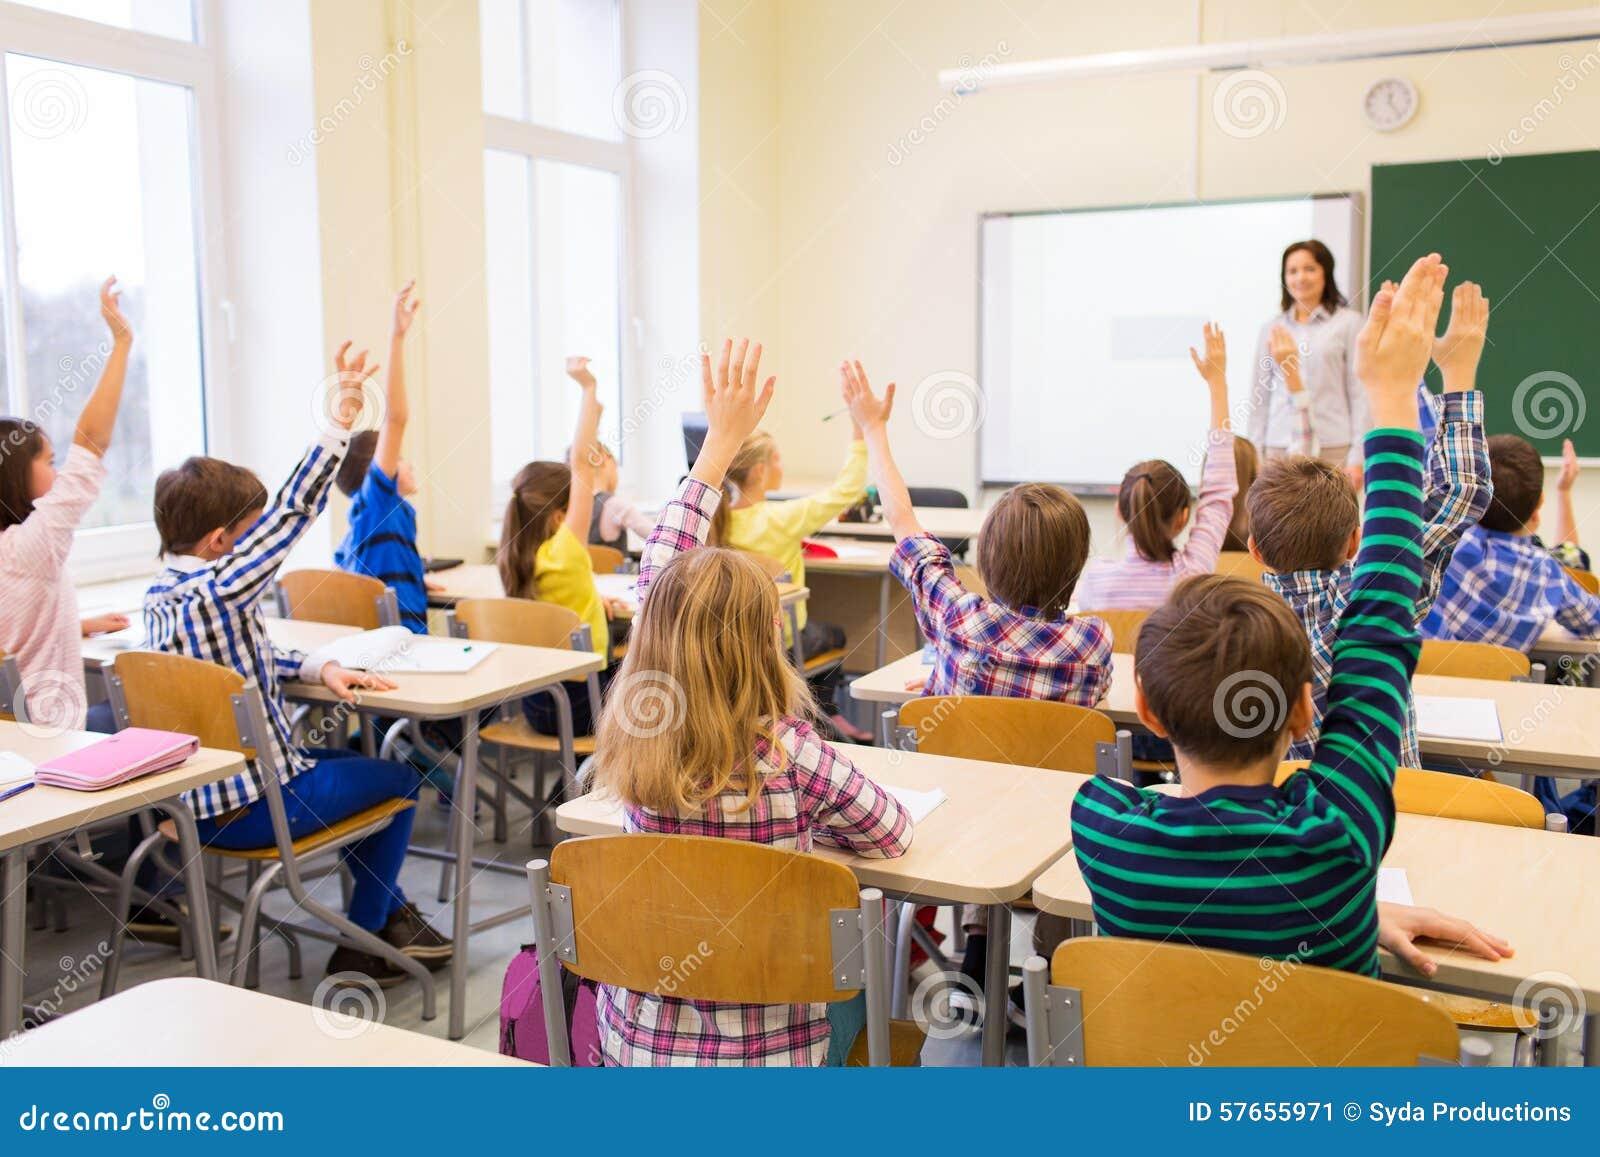 Gruppen av skolan lurar att lyfta händer i klassrum